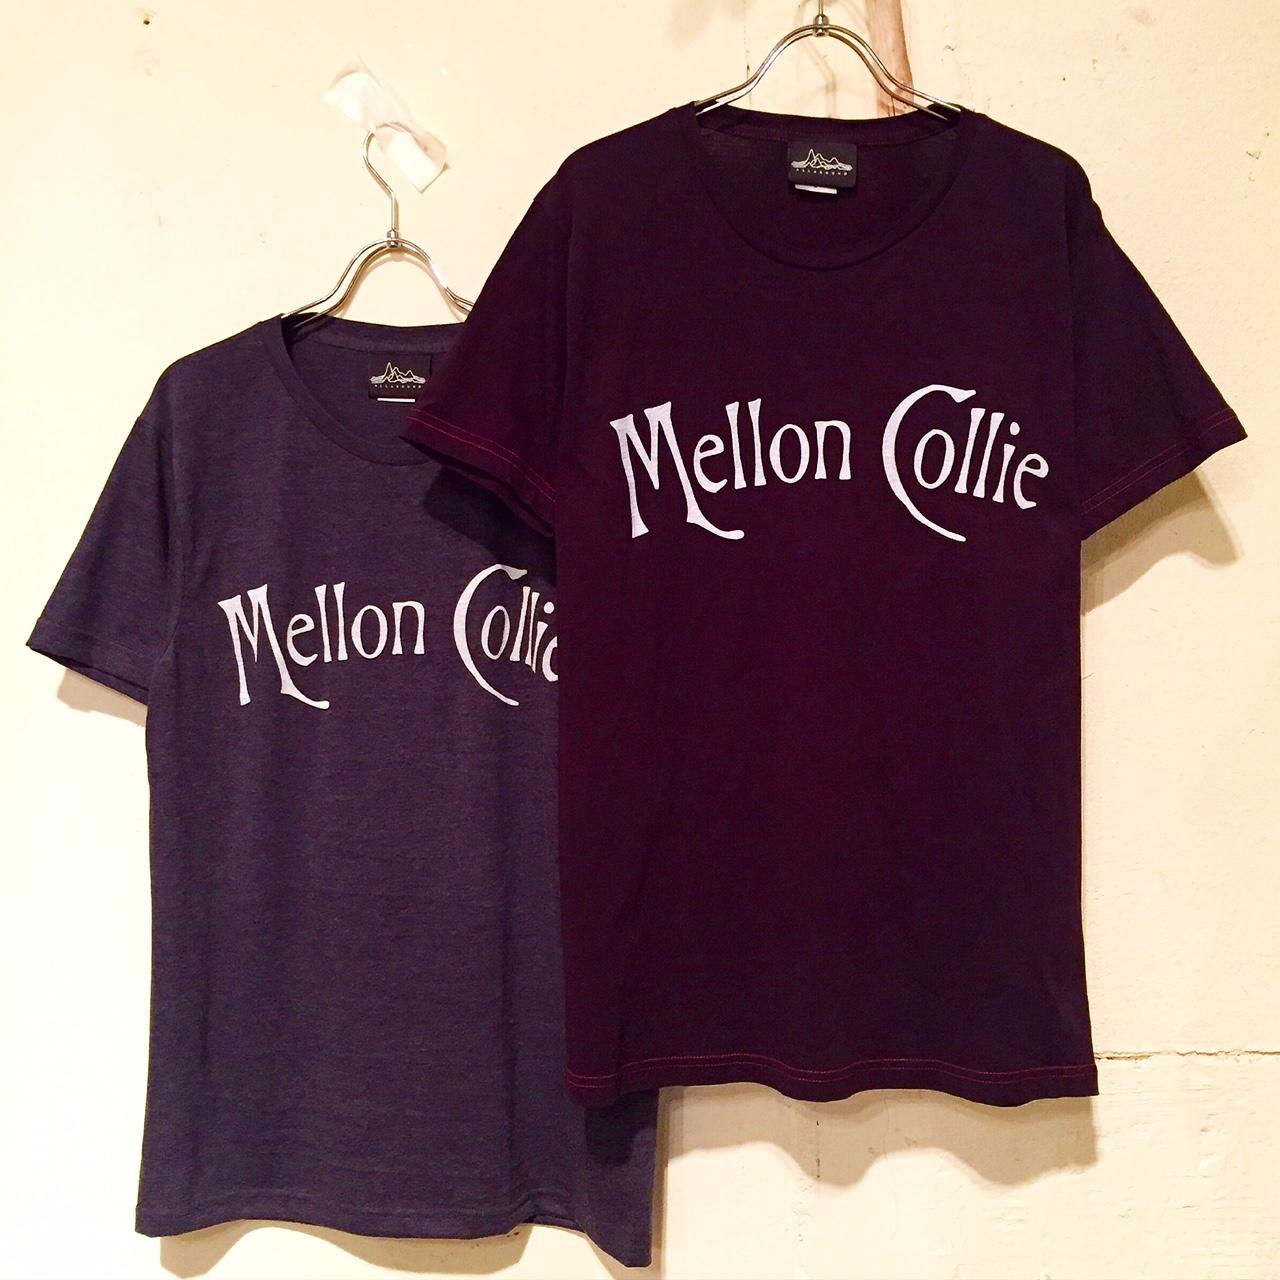 Mellon Collie S/S Tee_e0121640_19351878.jpg